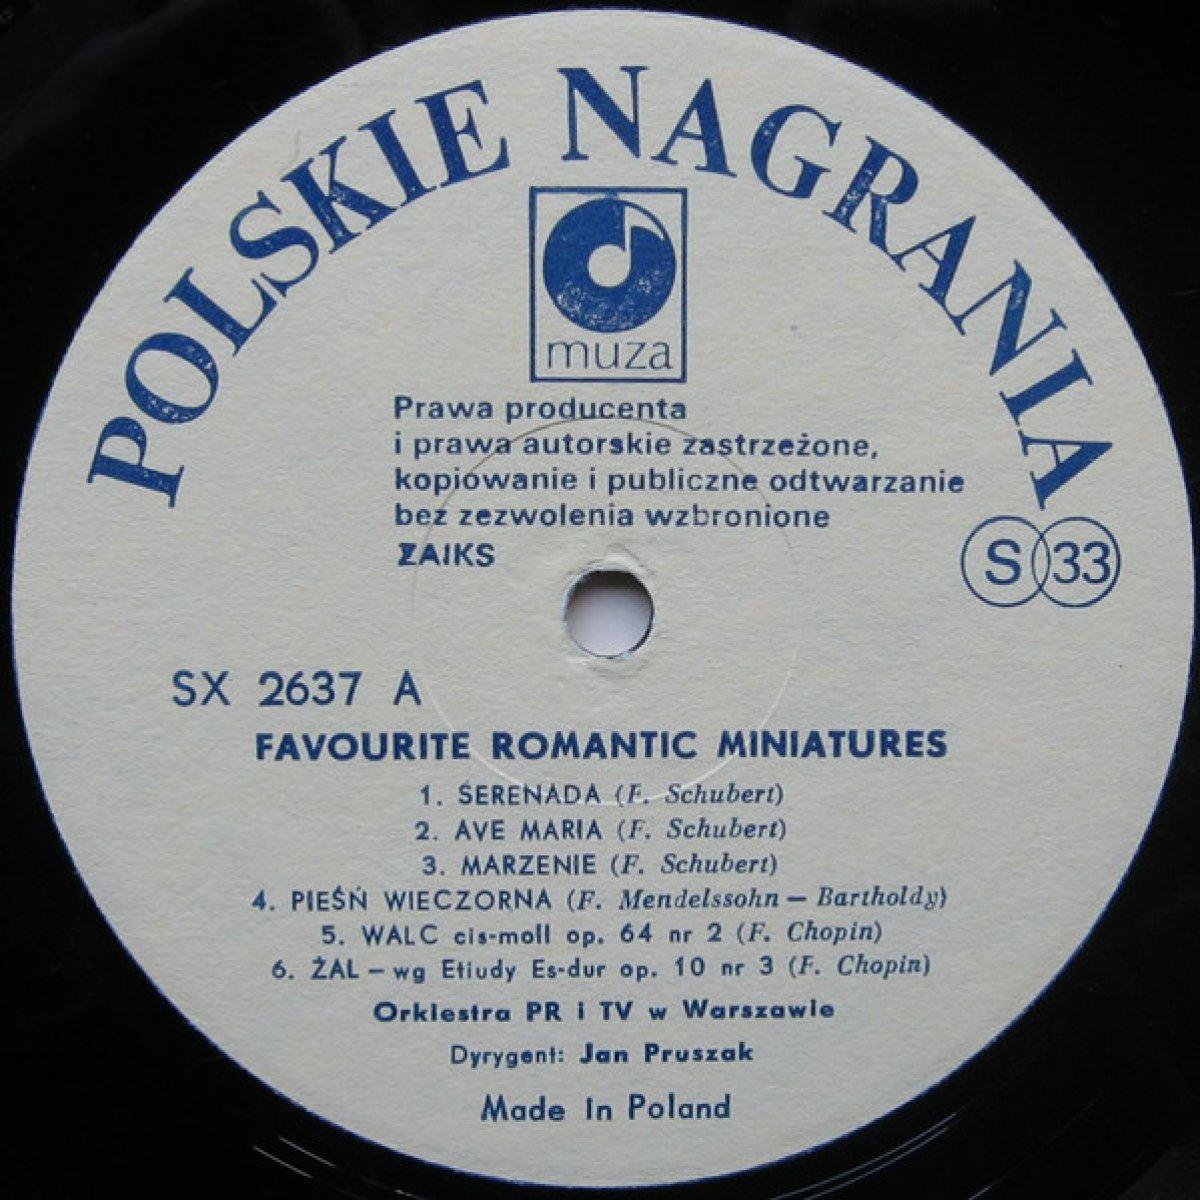 Orkiestra PR I TV W Warszawie, Jan Pruszak – Favourite Romantic Miniatures - Ulubione romantyczne miniatury